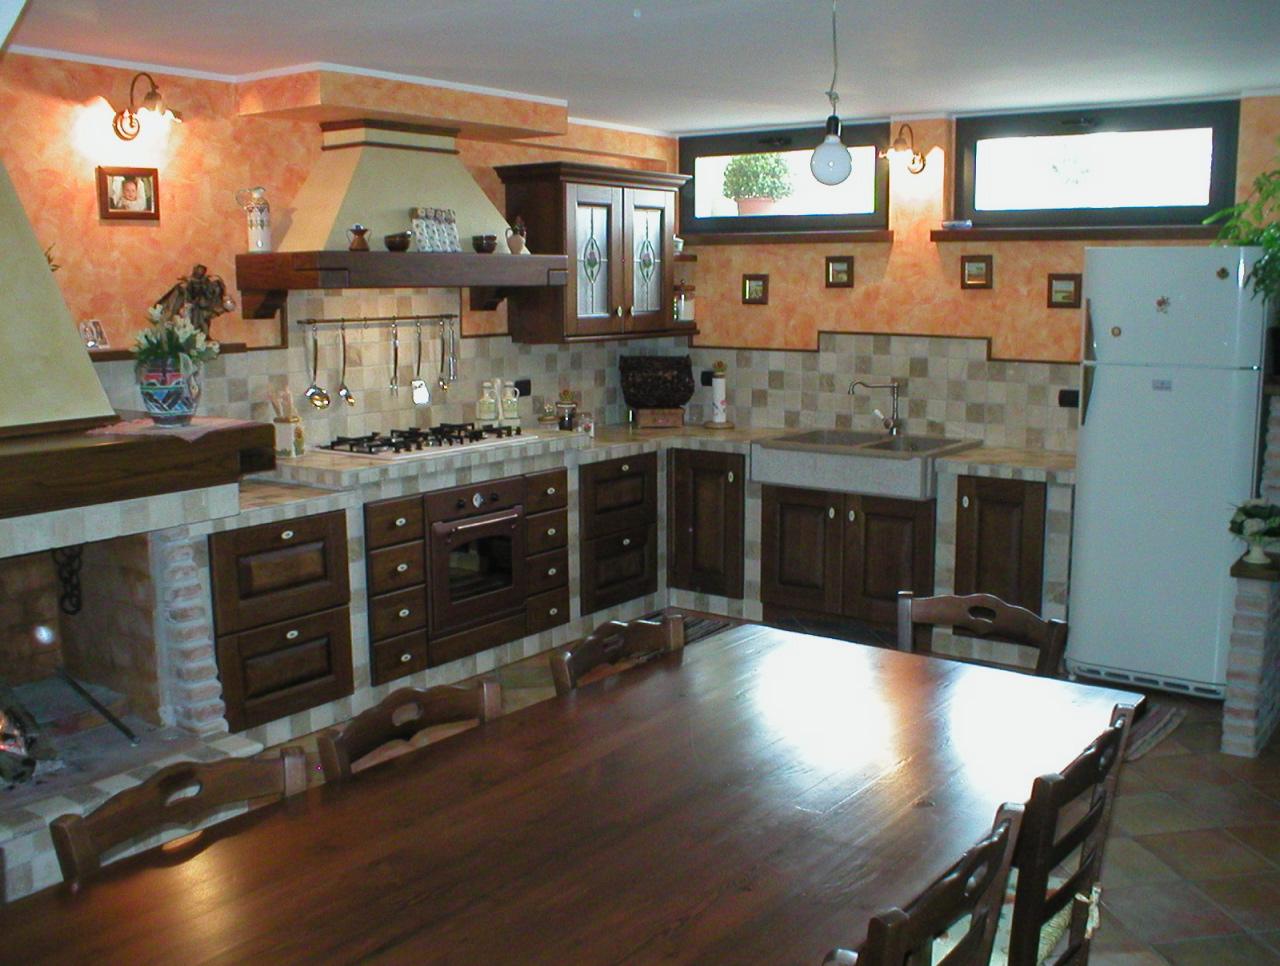 Mattoni san marco cucine ad angolo piccole salvarani for Cucine muratura prezzi di fabbrica